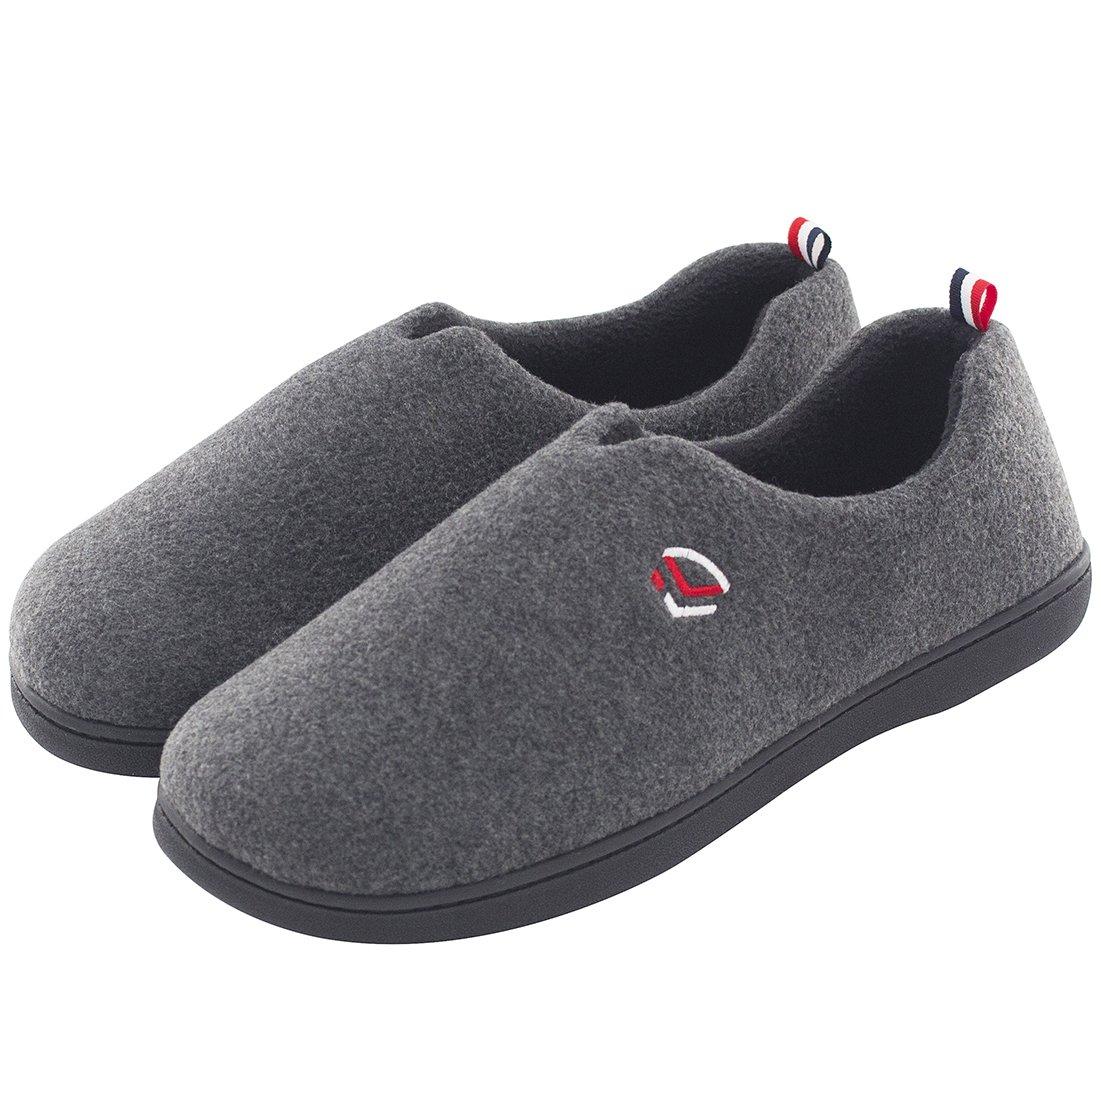 Men's Comfort Polar Fleece Slip on Slippers Color Block Memory Foam House Loafers Shoes w/Indoor, Outdoor Sole